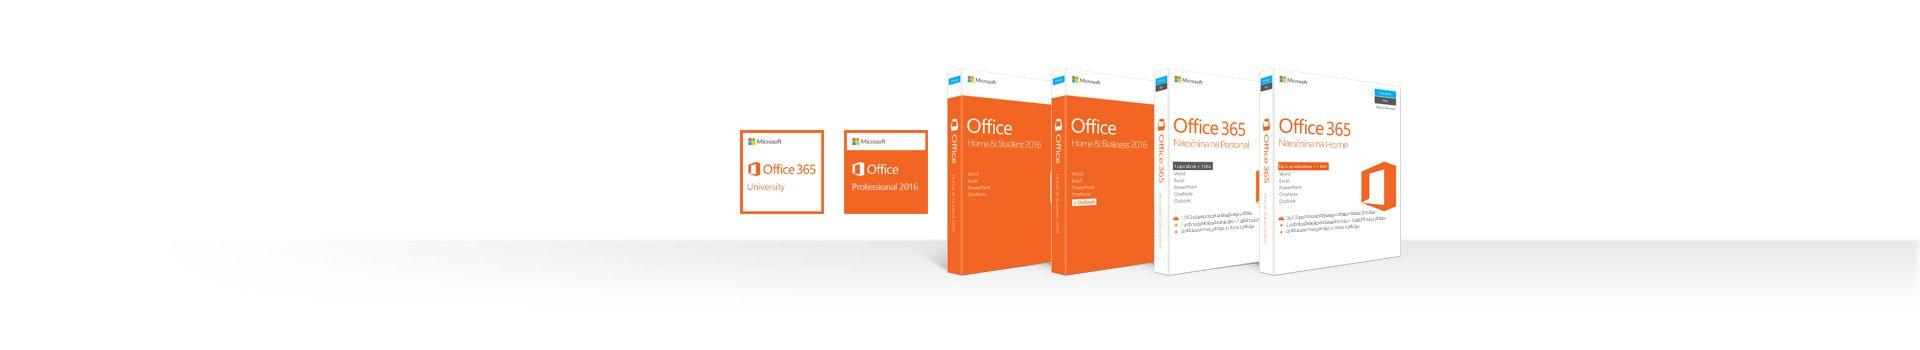 Vrstica s polji, ki predstavlja Officeovo naročnino in samostojne izdelke za računalnike s sistemom Windows